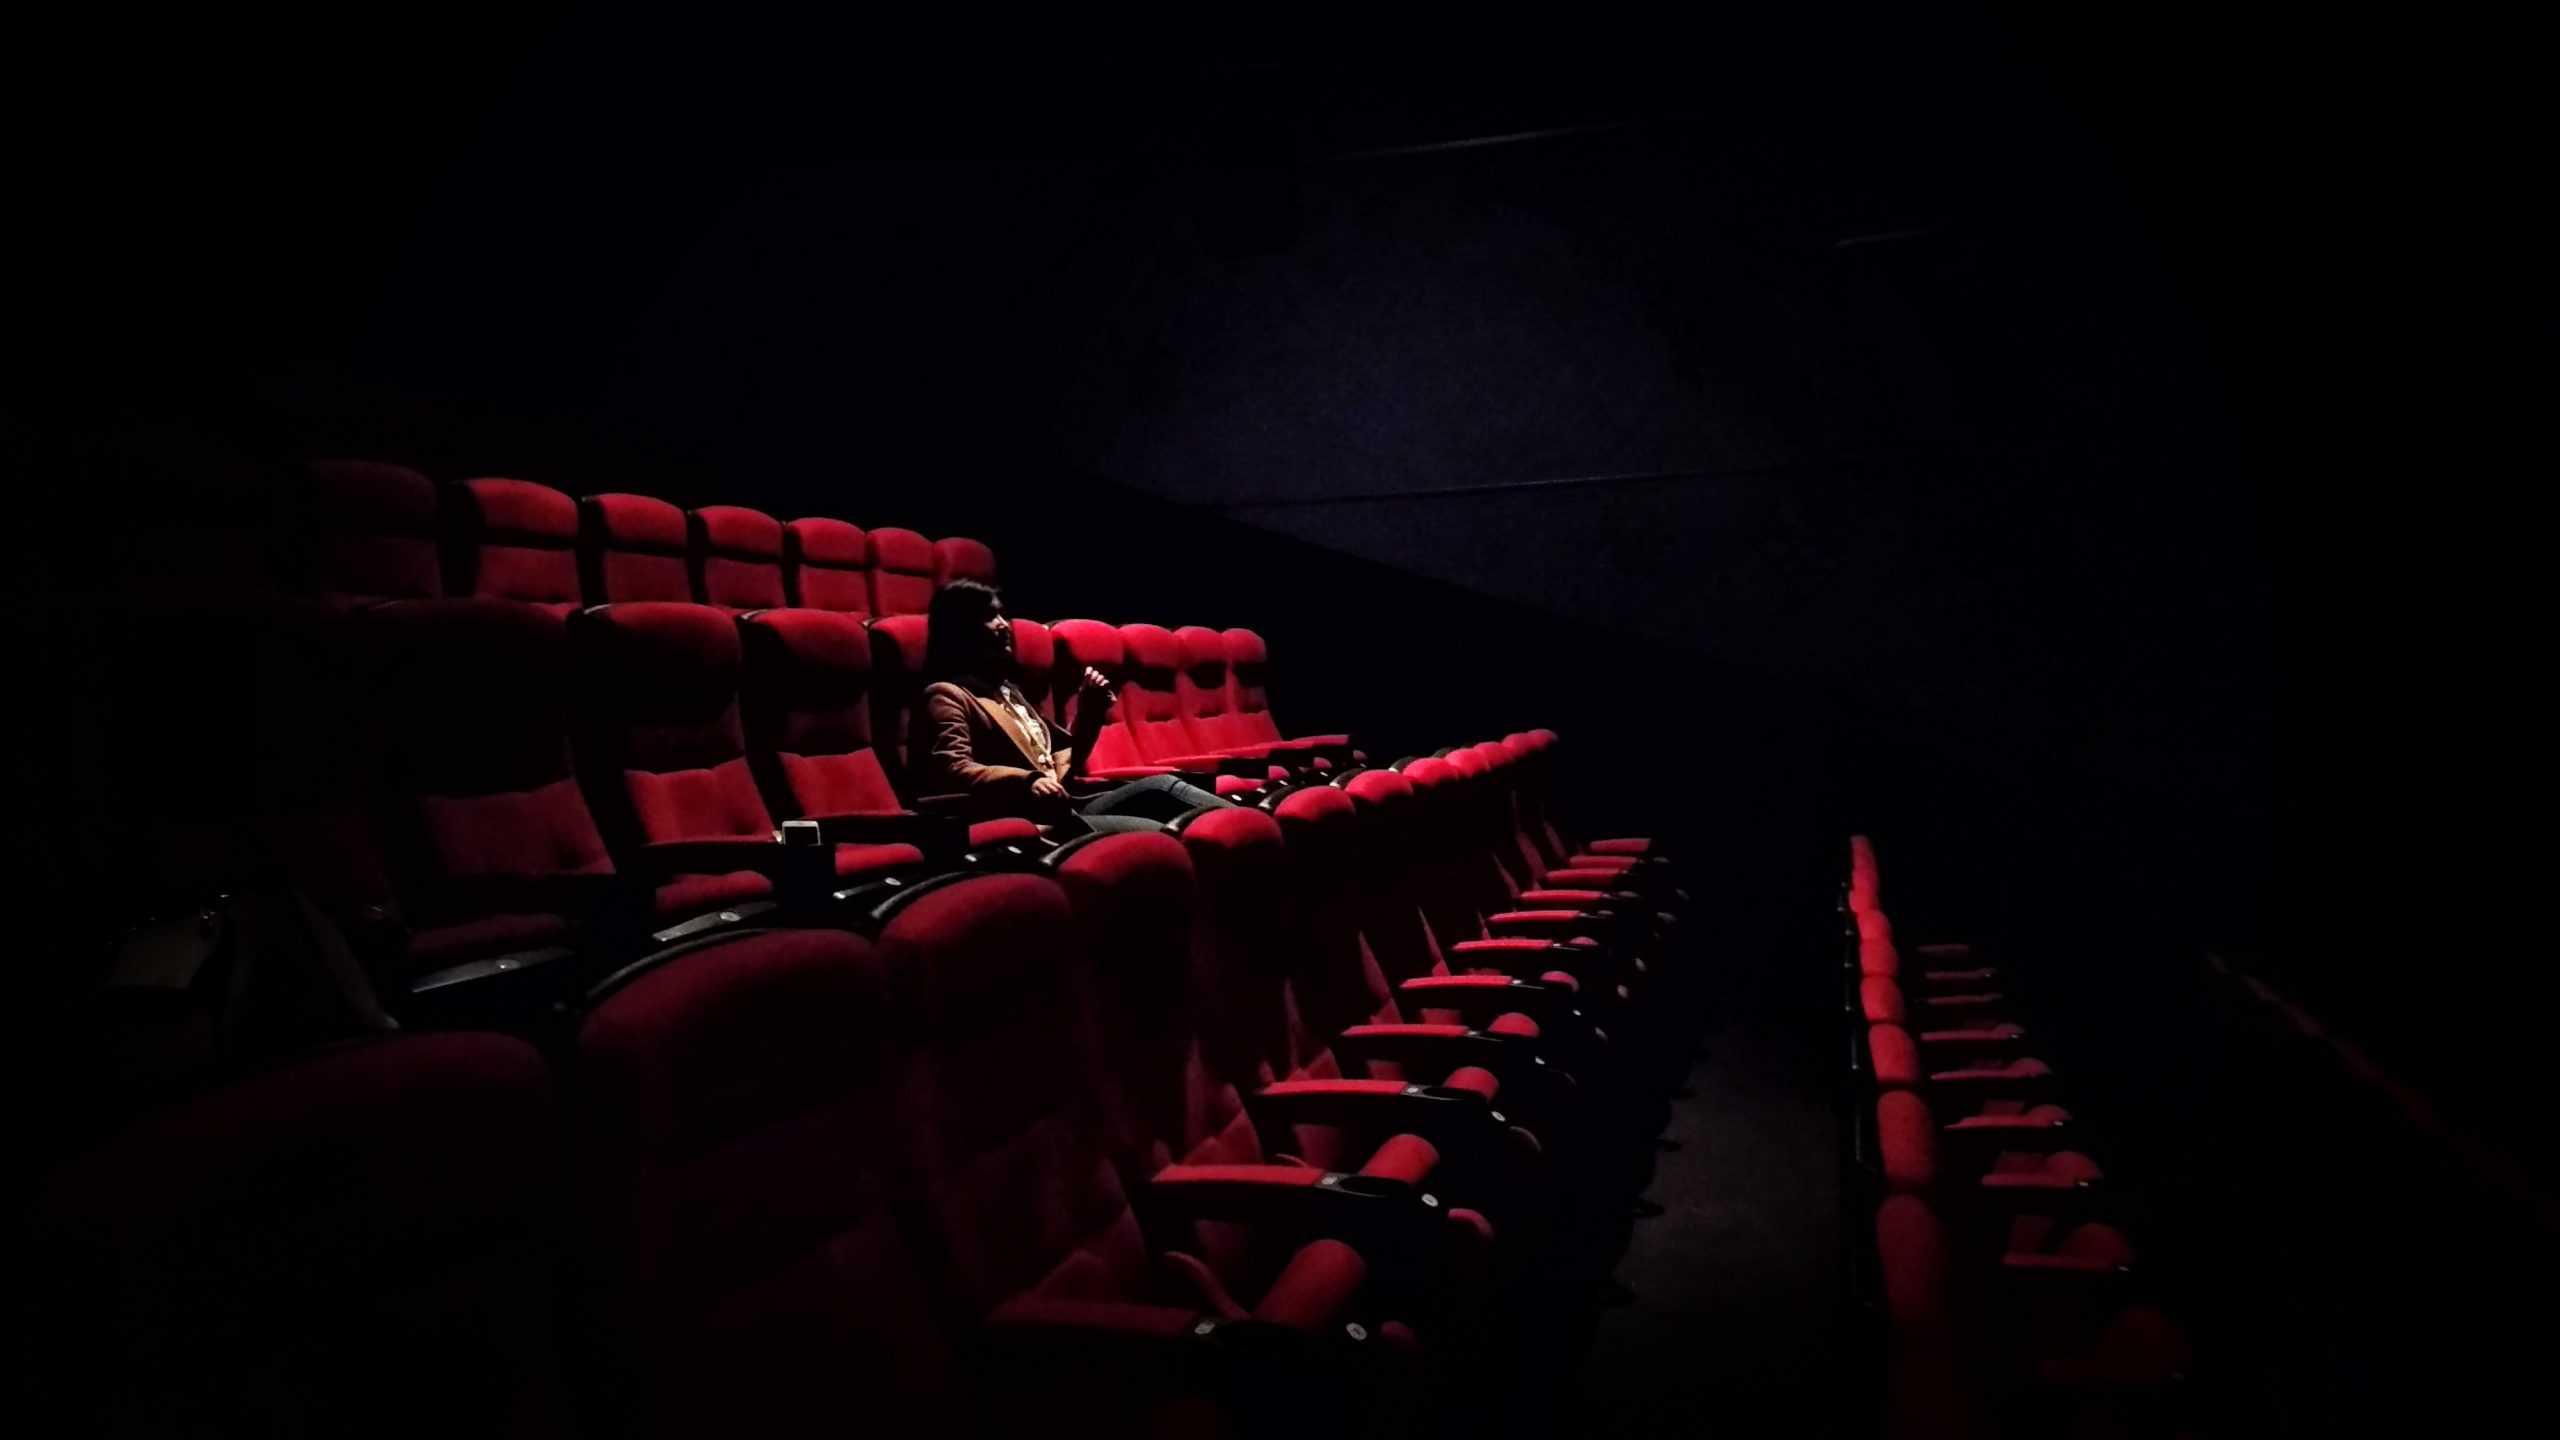 akbak evde kısa film yarışması